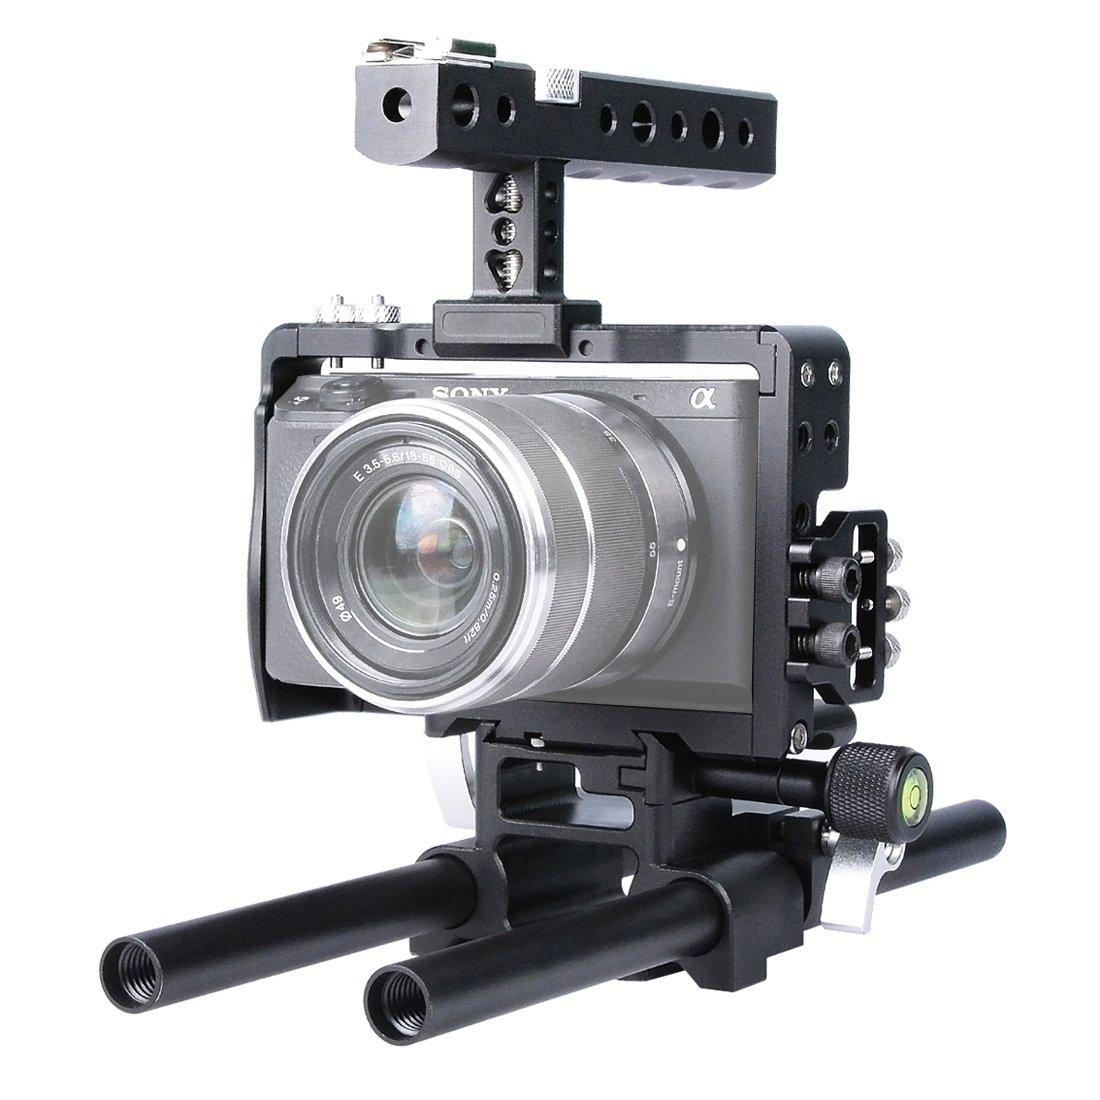 カメラケージキットfor Sony a6000 a6300 a6500 – PULUZアルミニウム合金CNC DSLRビデオハンドルスタビライザーステディカムSteady Camロッドリグwithトップハンドルグリップ+ベースプレート(ブラック)   B06XHJVHPS